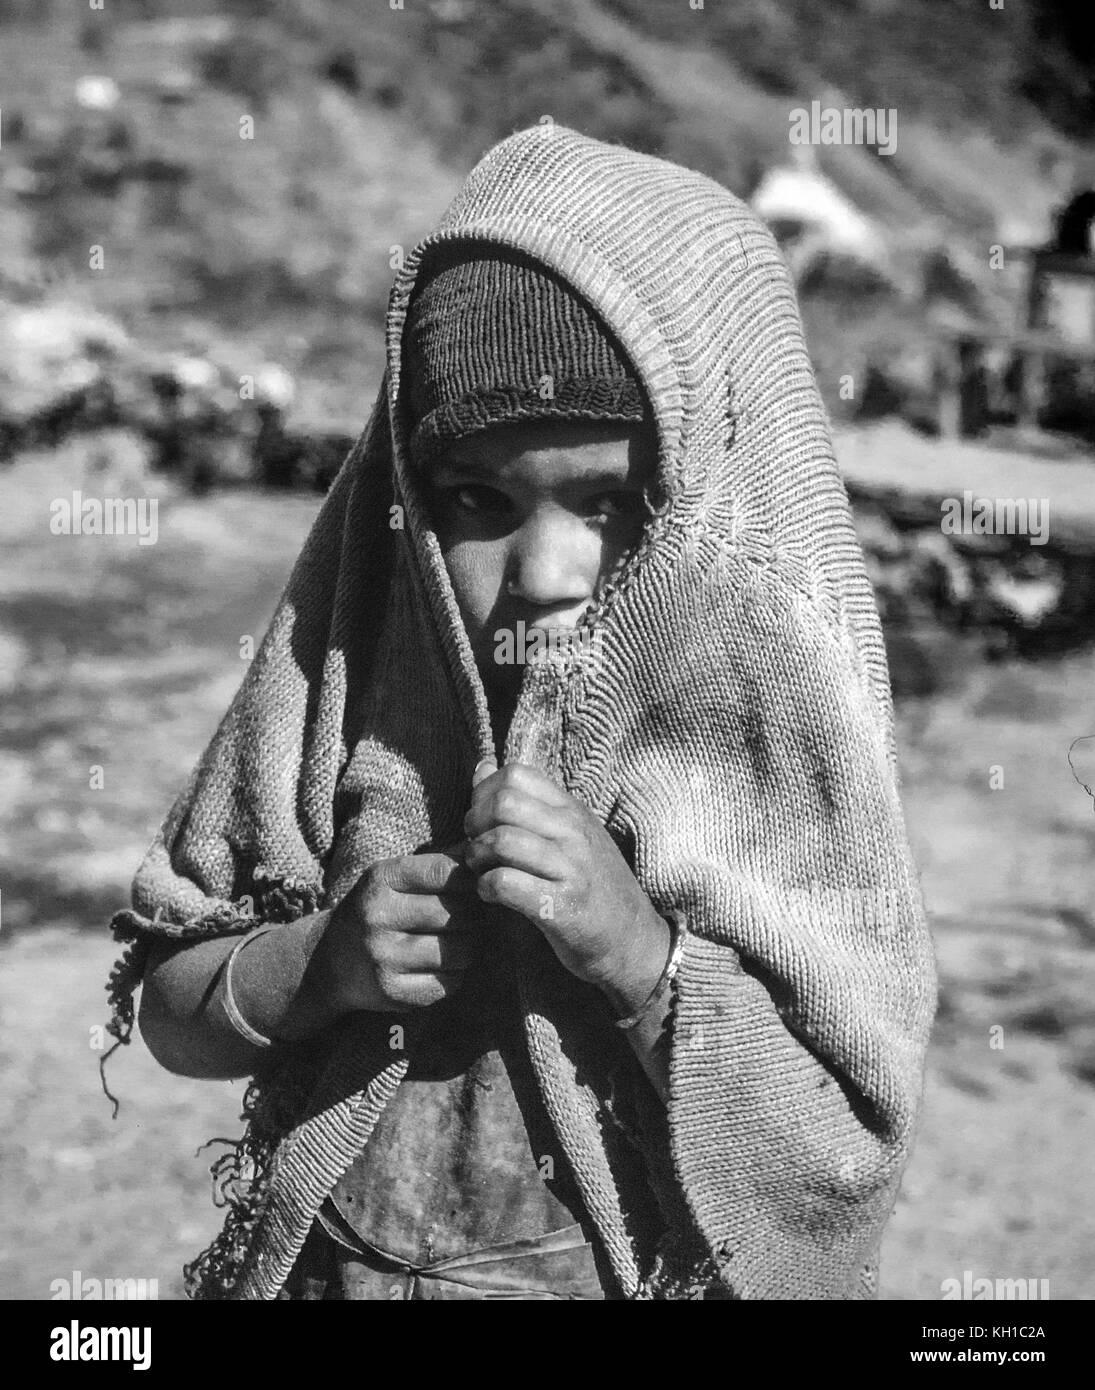 Bambino nepalese che copre la sua testa - bianco e nero Immagini Stock